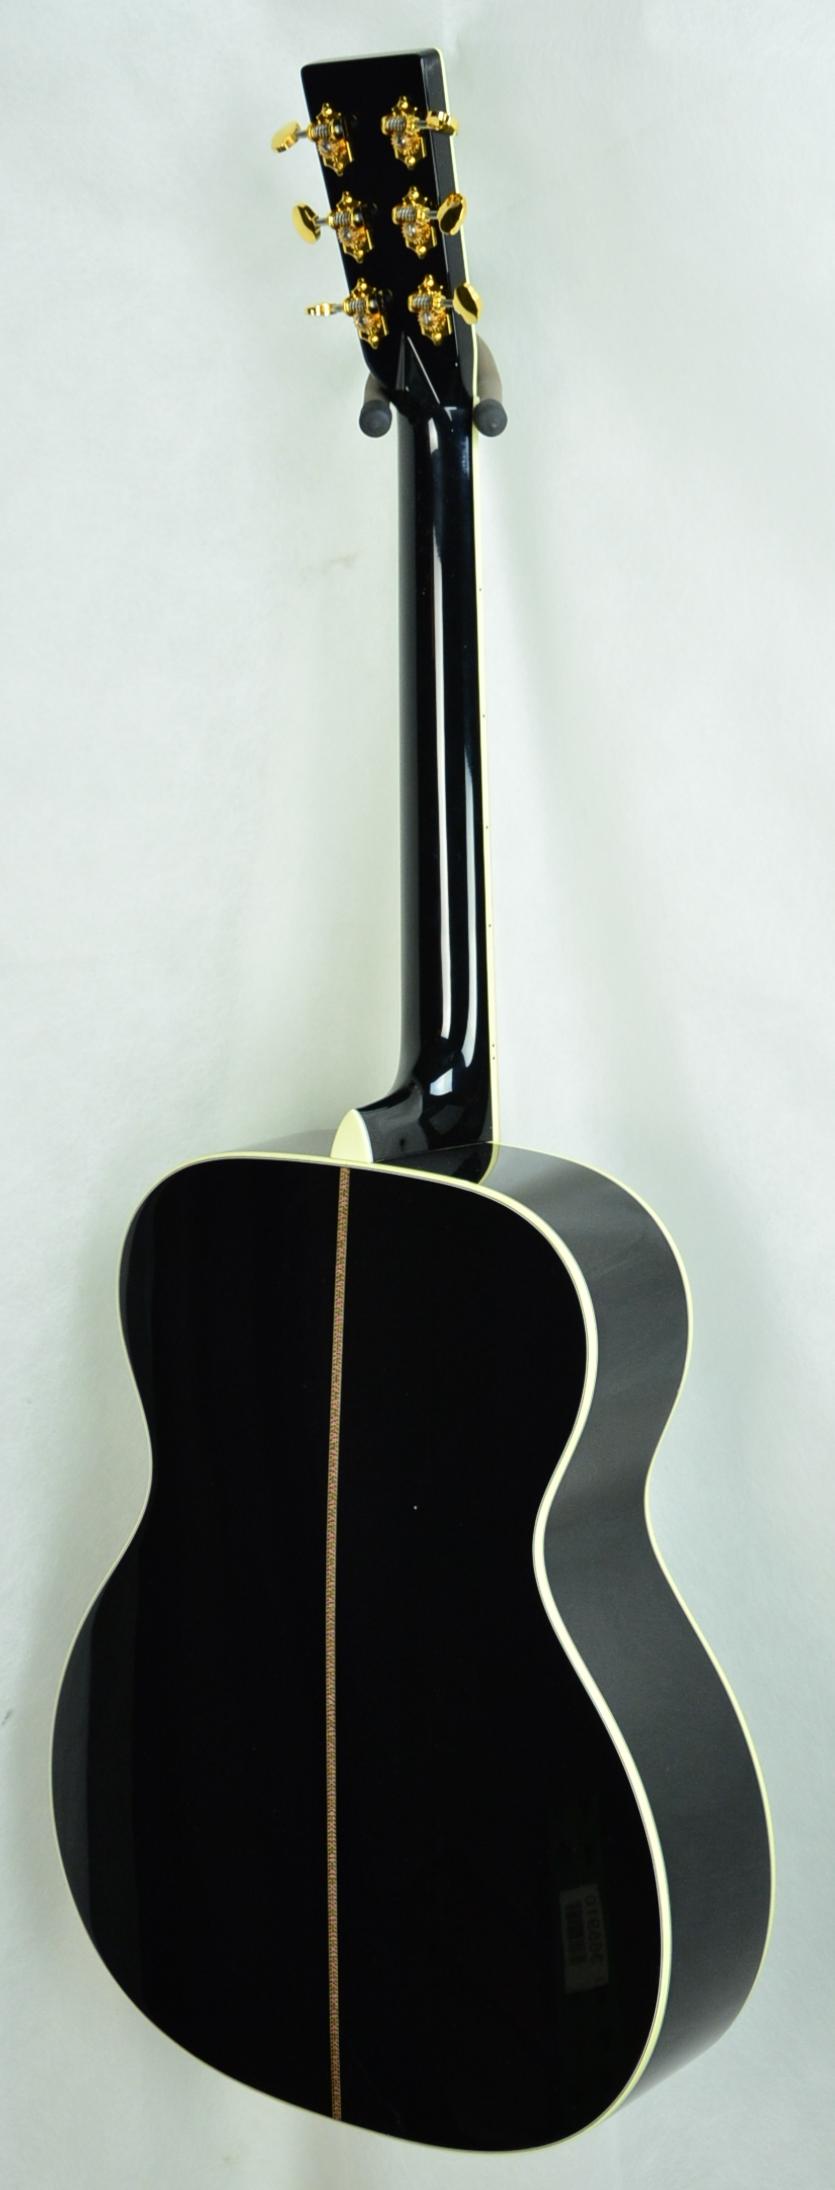 Q-2408924 S-1830635 OM-42 Black (4).JPG